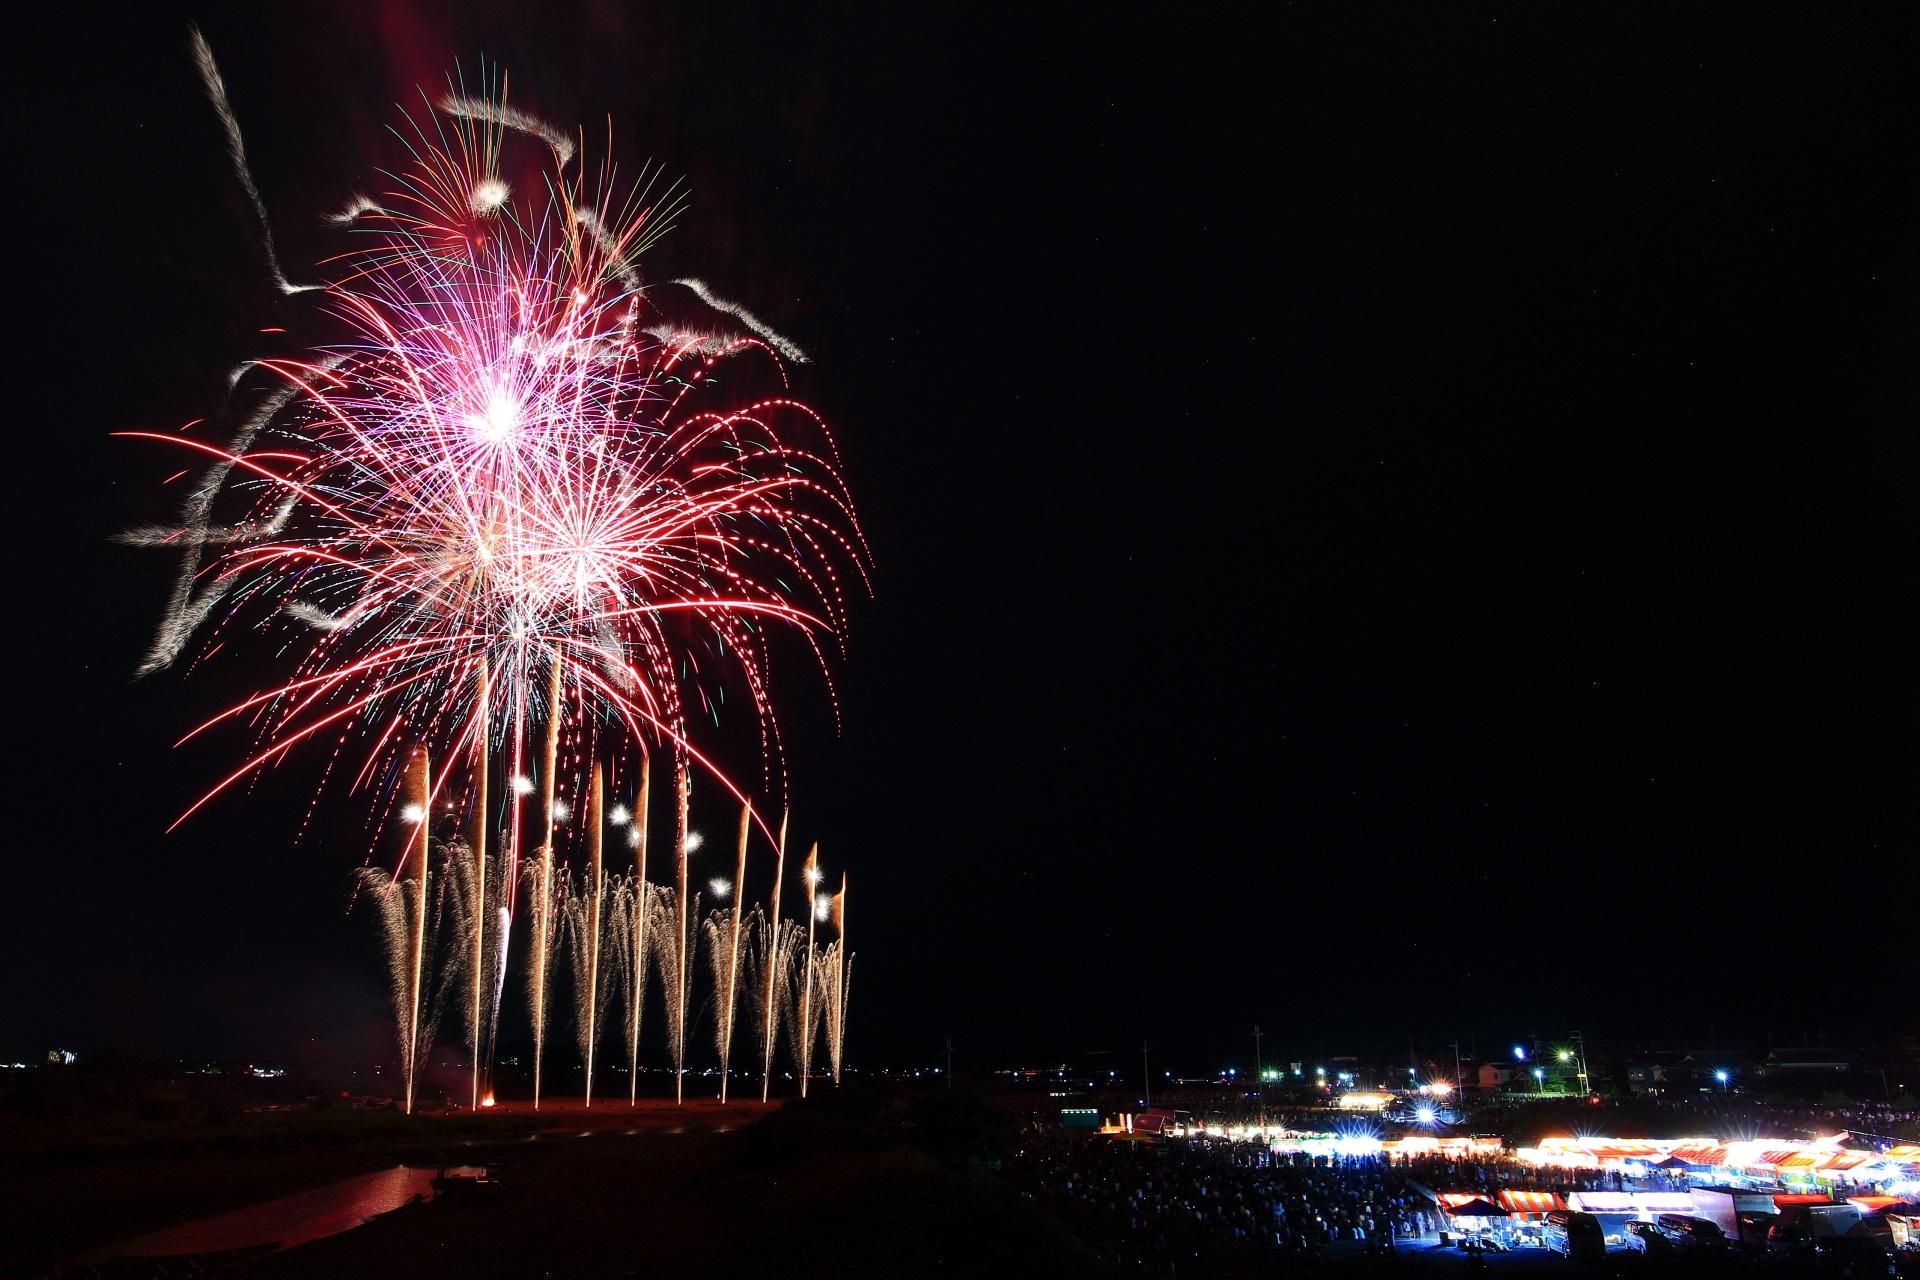 亀岡花火大会の華やかな噴水のように上がる花火